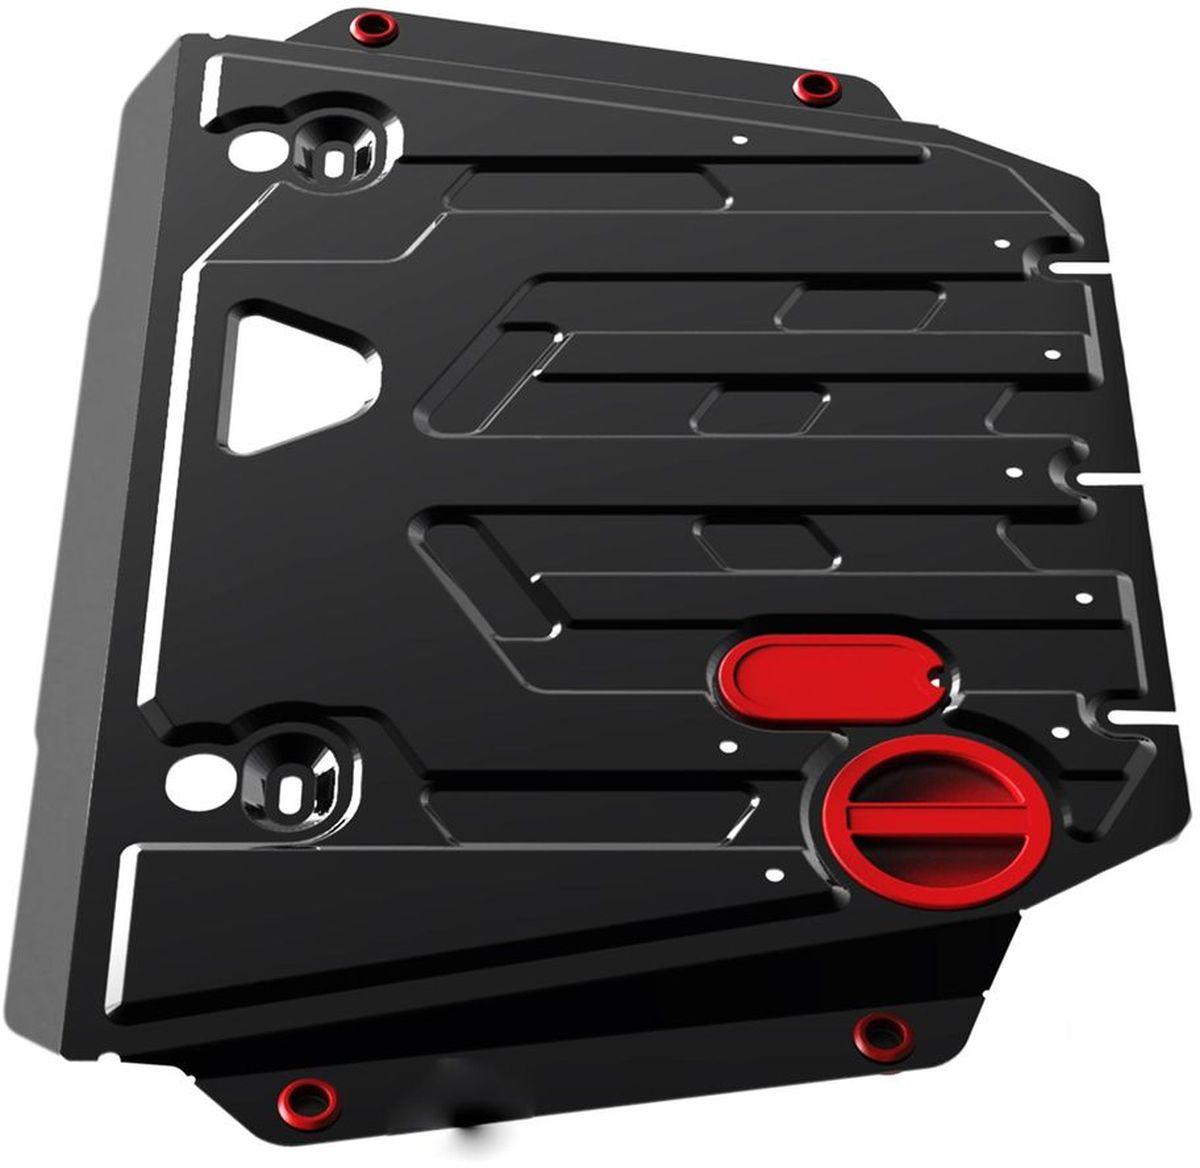 Защита картера и КПП Автоброня, для Honda Partner V - 1,3; 1,6 \ Civic V, V-все\ Acura EL, V-все (1995-2001)111.02109.1Технологически совершенный продукт за невысокую стоимость. Защита разработана с учетом особенностей днища автомобиля, что позволяет сохранить дорожный просвет с минимальным изменением. Защита устанавливается в штатные места кузова автомобиля. Глубокий штамп обеспечивает до двух раз больше жесткости в сравнении с обычной защитой той же толщины. Проштампованные ребра жесткости препятствуют деформации защиты при ударах. Тепловой зазор и вентиляционные отверстия обеспечивают сохранение температурного режима двигателя в норме. Скрытый крепеж предотвращает срыв крепежных элементов при наезде на препятствие. Шумопоглощающие резиновые элементы обеспечивают комфортную езду без вибраций и скрежета металла, а съемные лючки для слива масла и замены фильтра - экономию средств и время. Конструкция изделия не влияет на пассивную безопасность автомобиля (при ударе защита не воздействует на деформационные зоны кузова). Со штатным крепежом. В комплекте инструкция по установке....